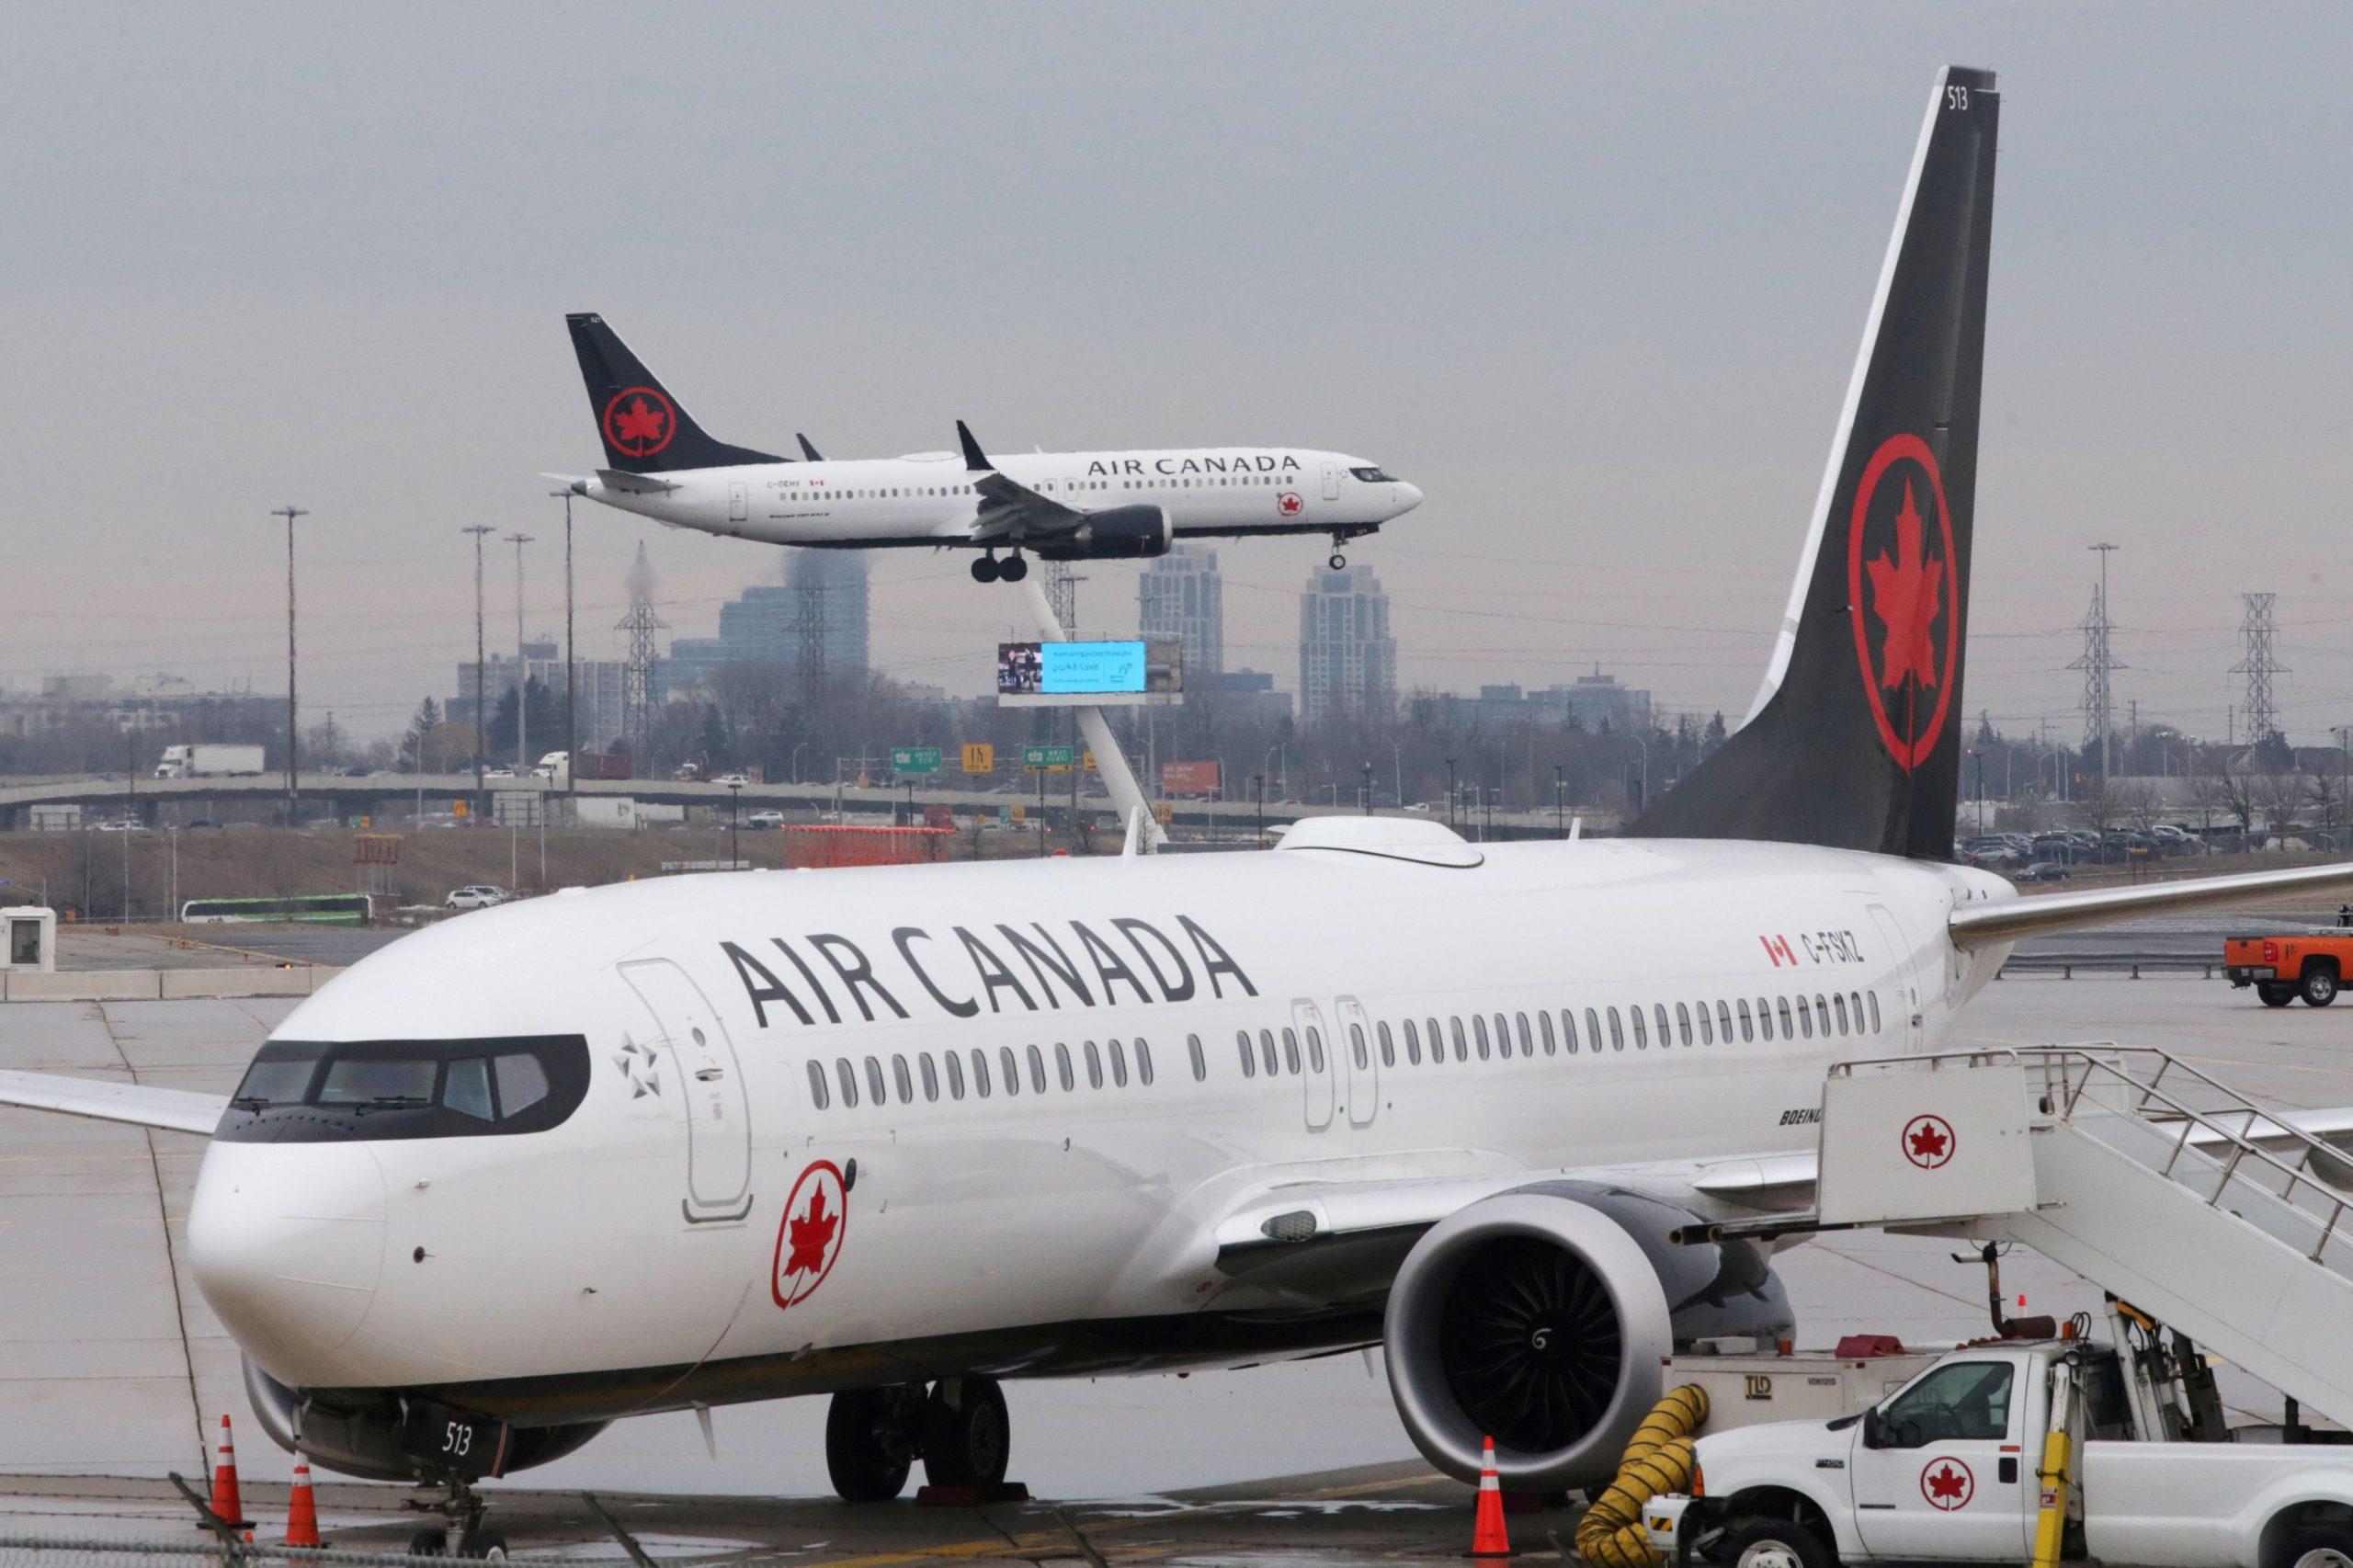 Air Canada uçuşları Koronavirus nedeniyle    Haziran'a kadar askıya aldi.(*uluslarası uçuşlar)